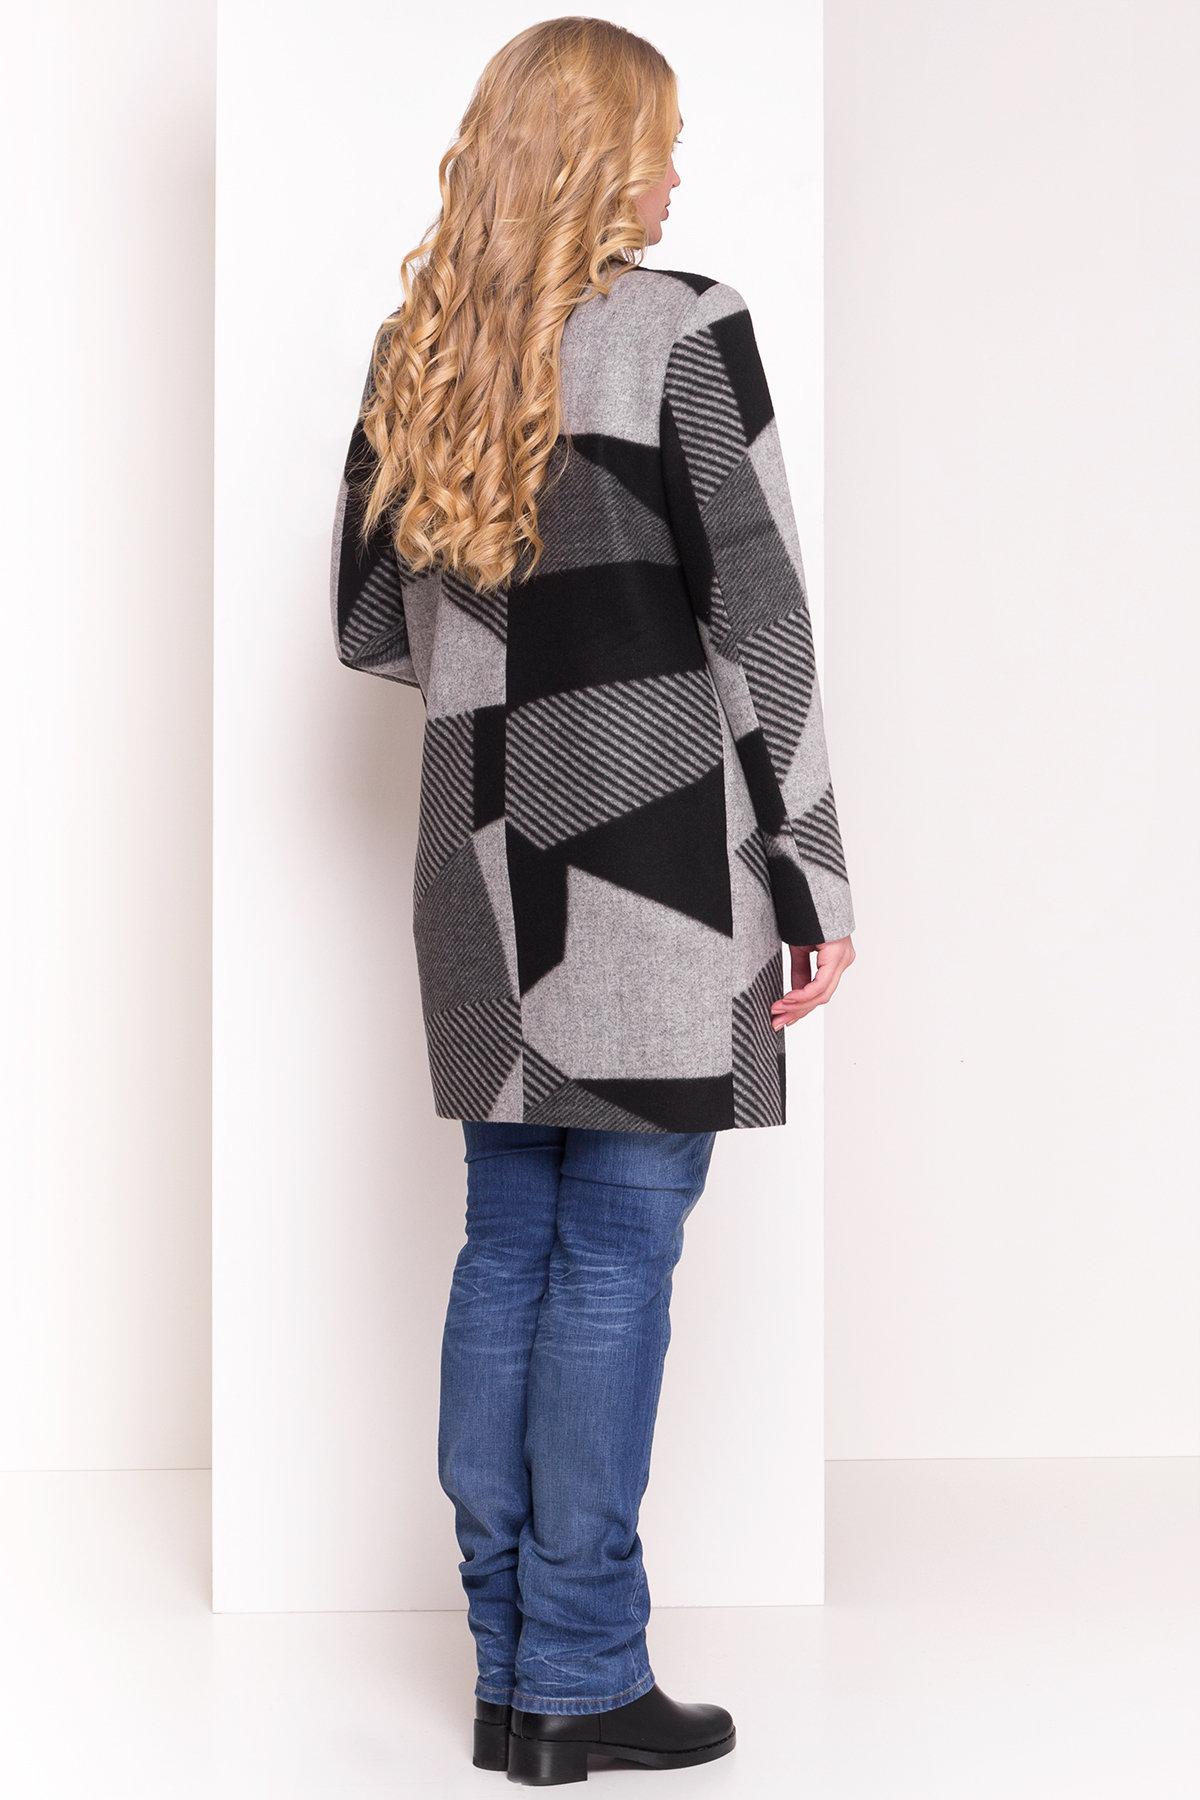 Пальто Арис 0446  АРТ. 6797 Цвет: Черный / серый Д2/С1 - фото 3, интернет магазин tm-modus.ru